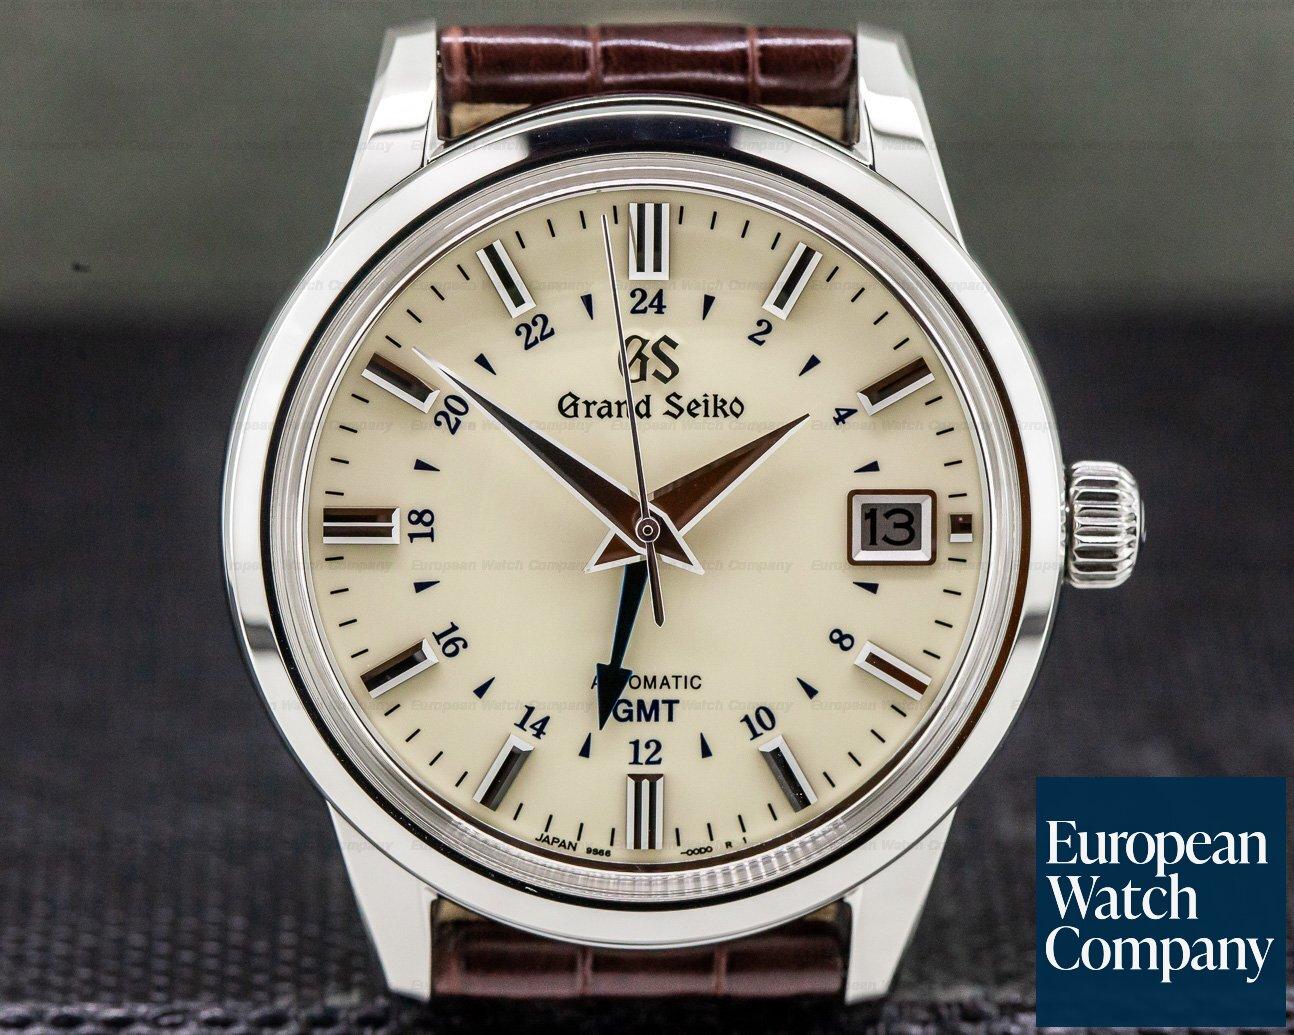 Grand Seiko SBGM221 Grand Seiko Automatic SBGM221 SS / Cream Dial GMT